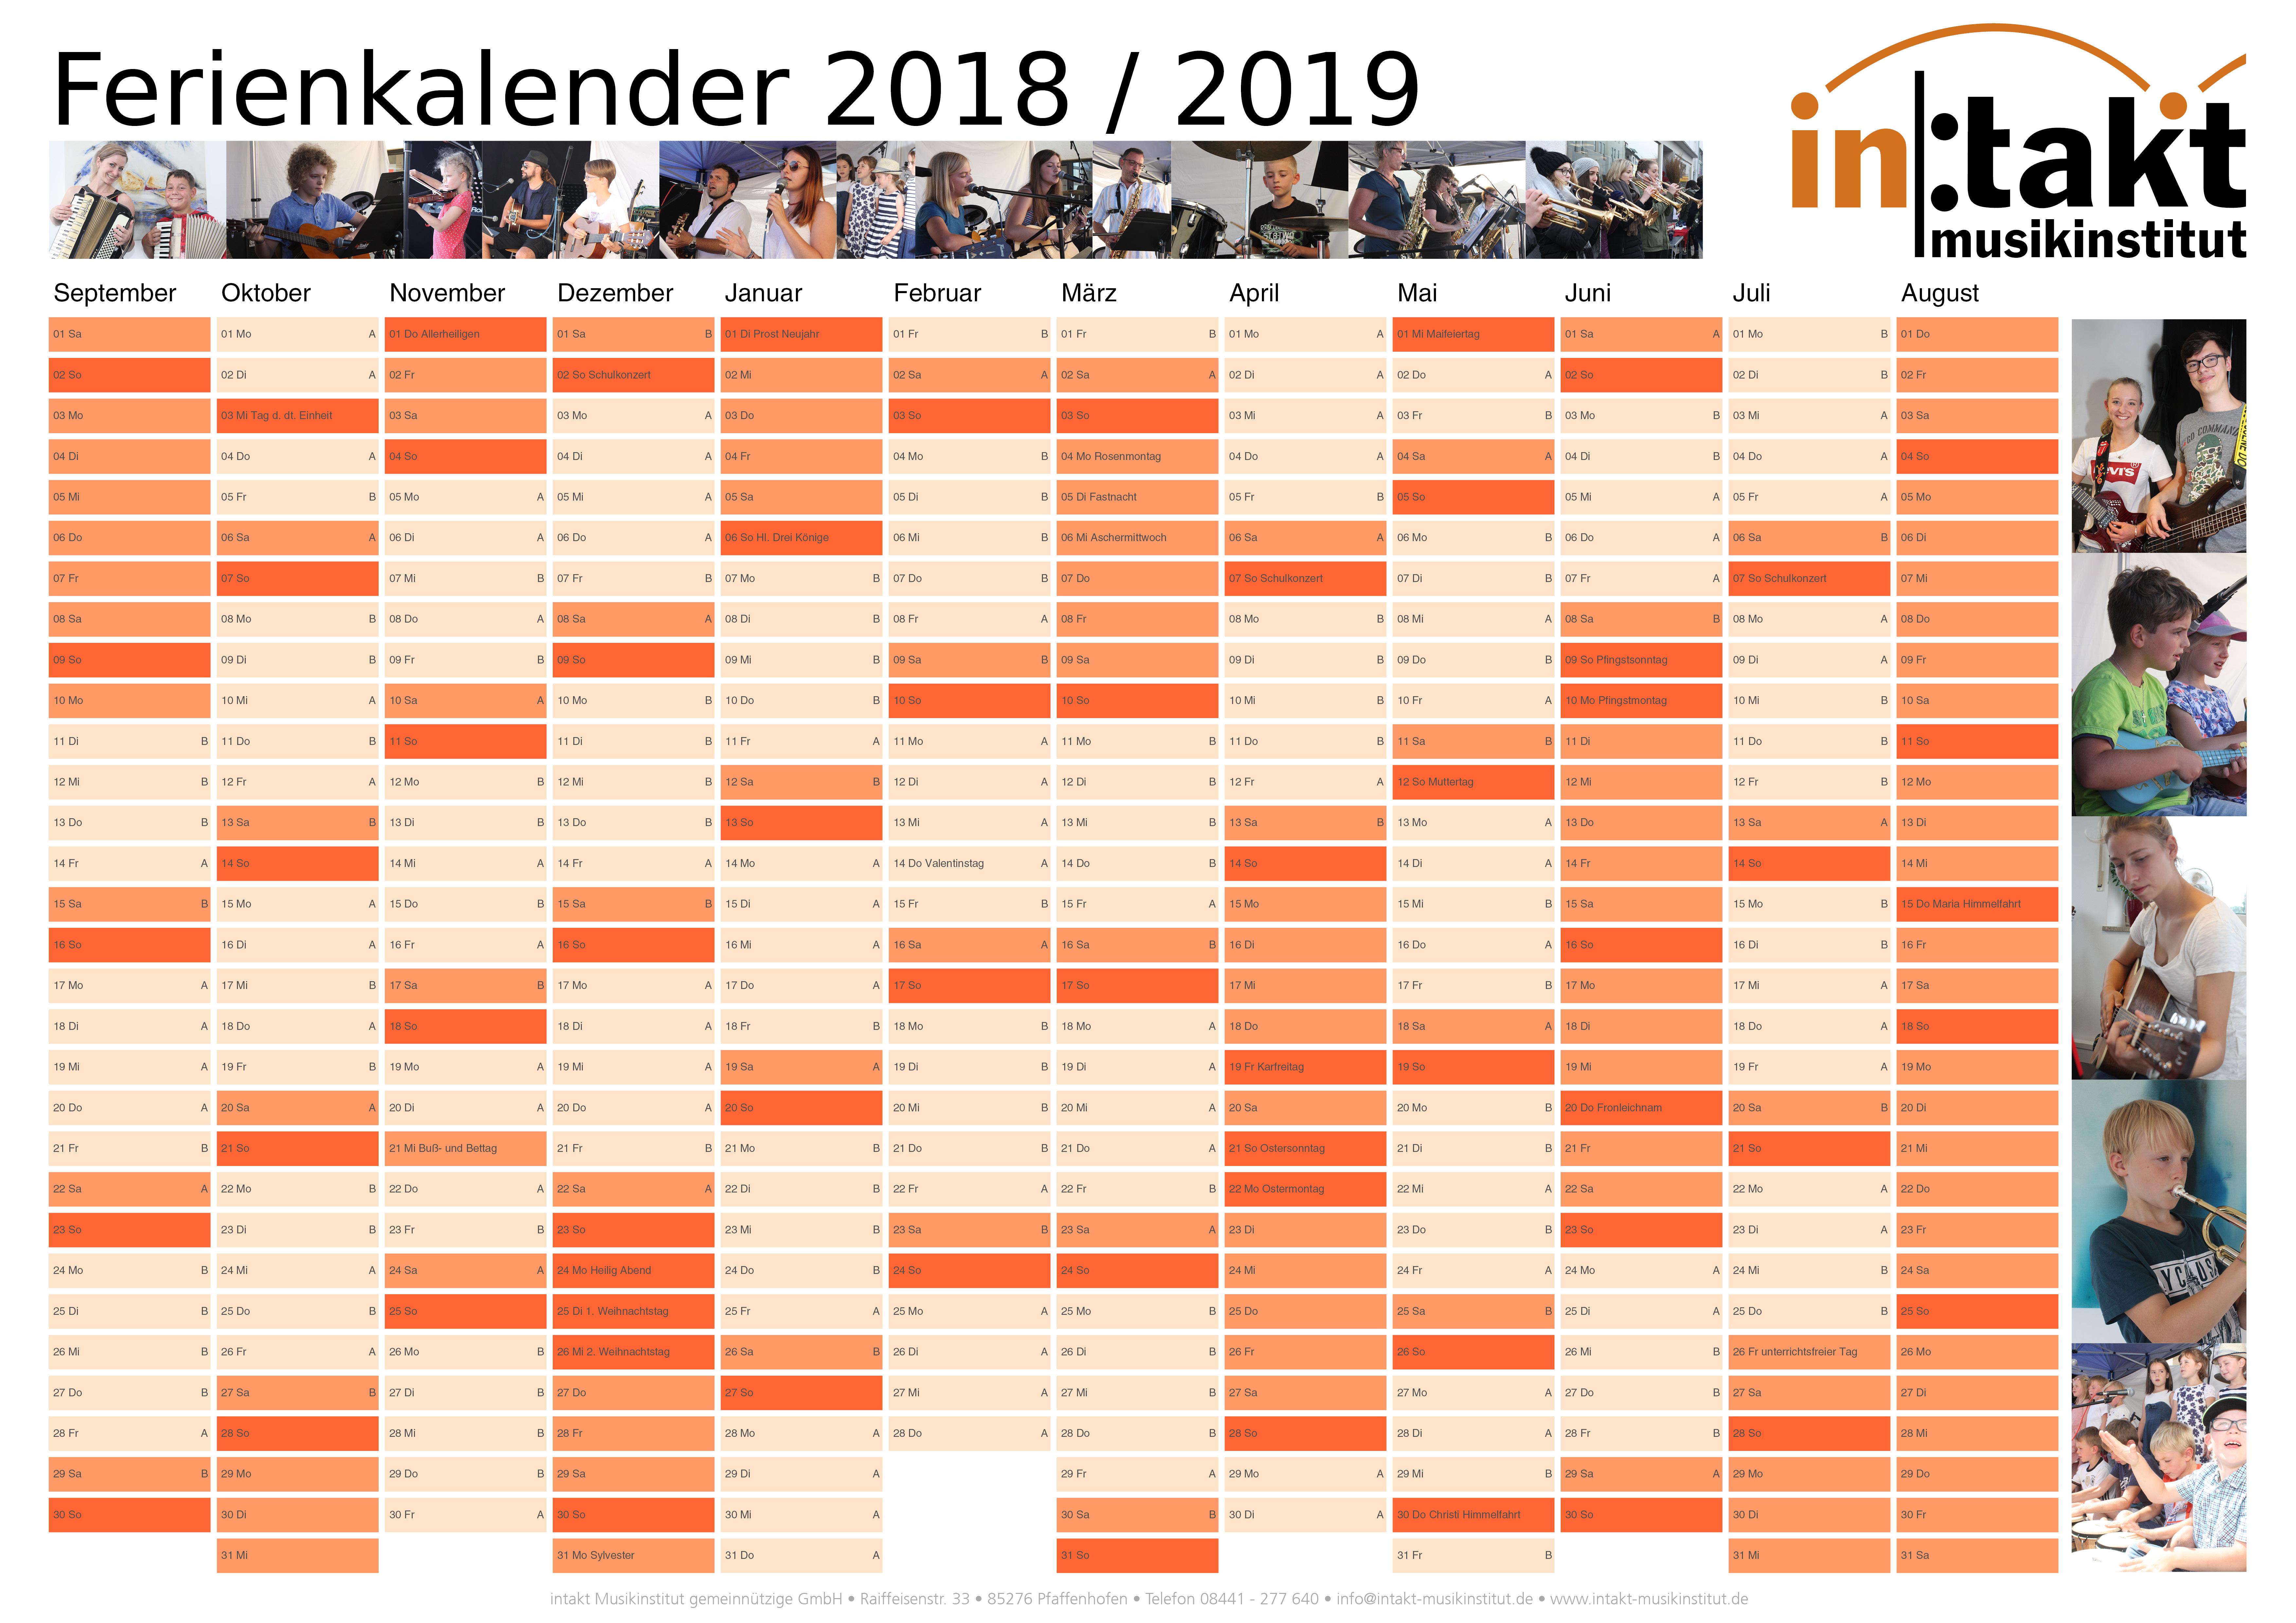 Ferienkalender_2018